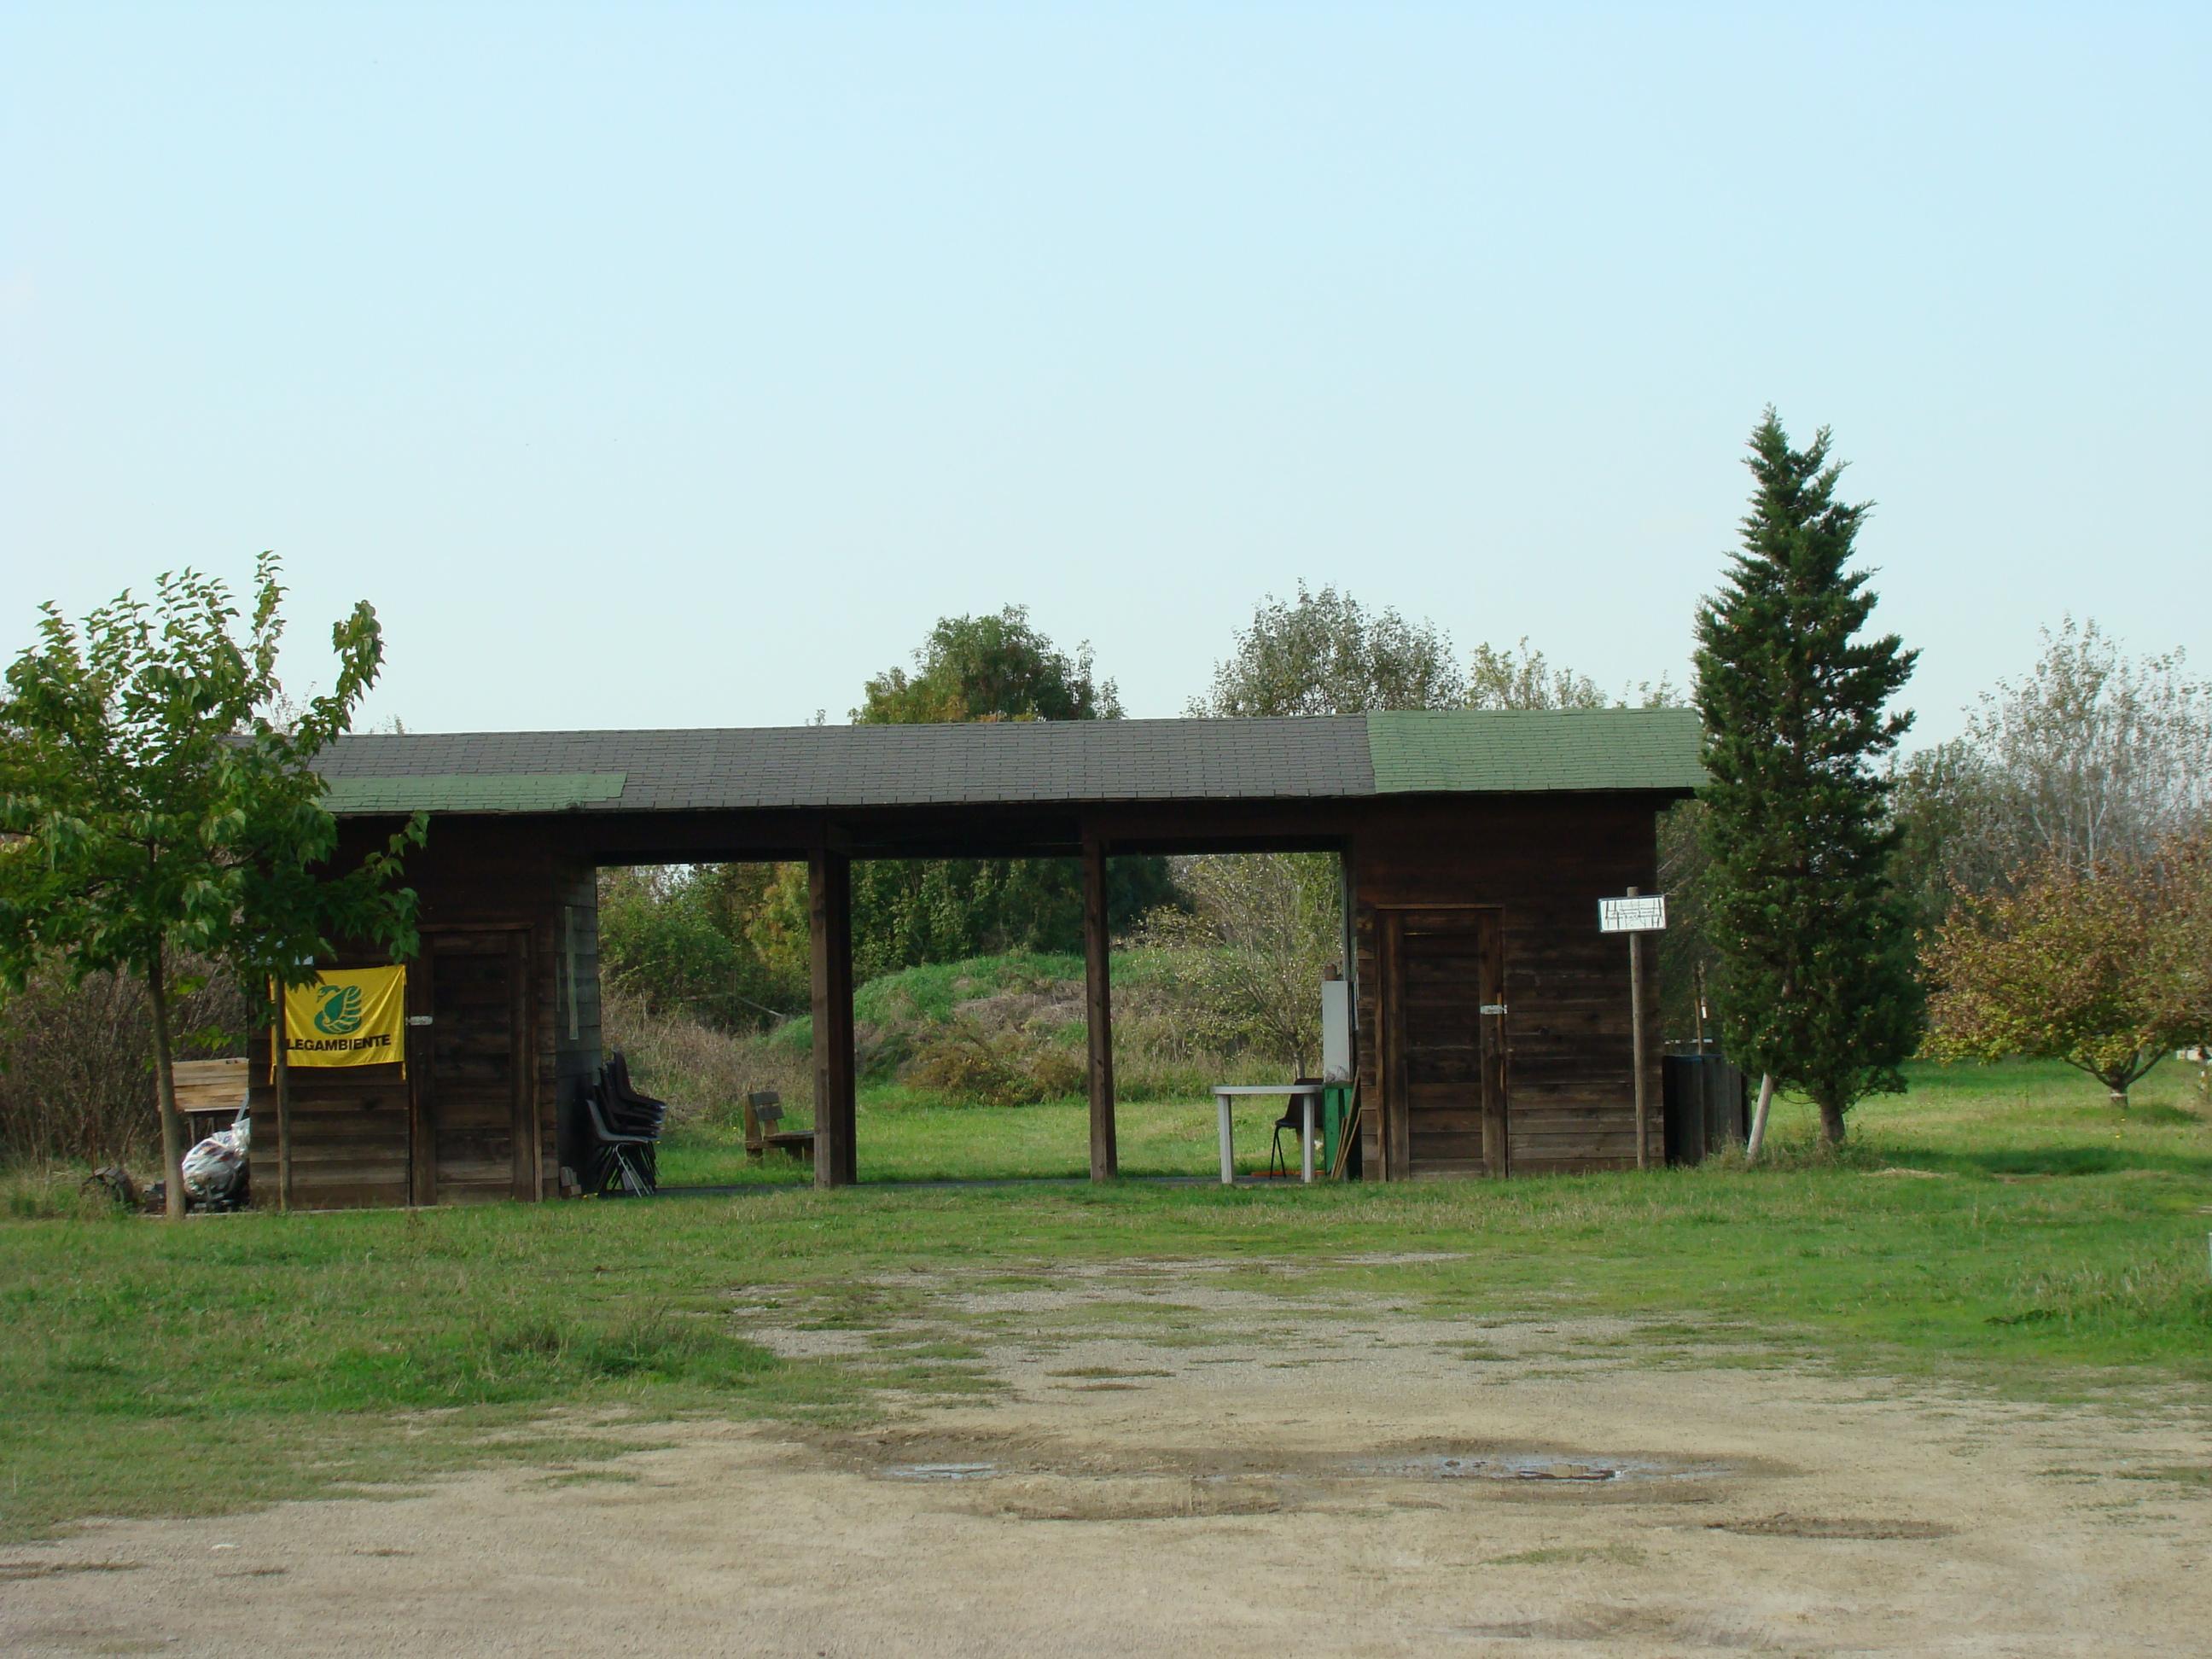 Centro visite dell'area protetta Podere La Querciola (di Giuliana Profeti)